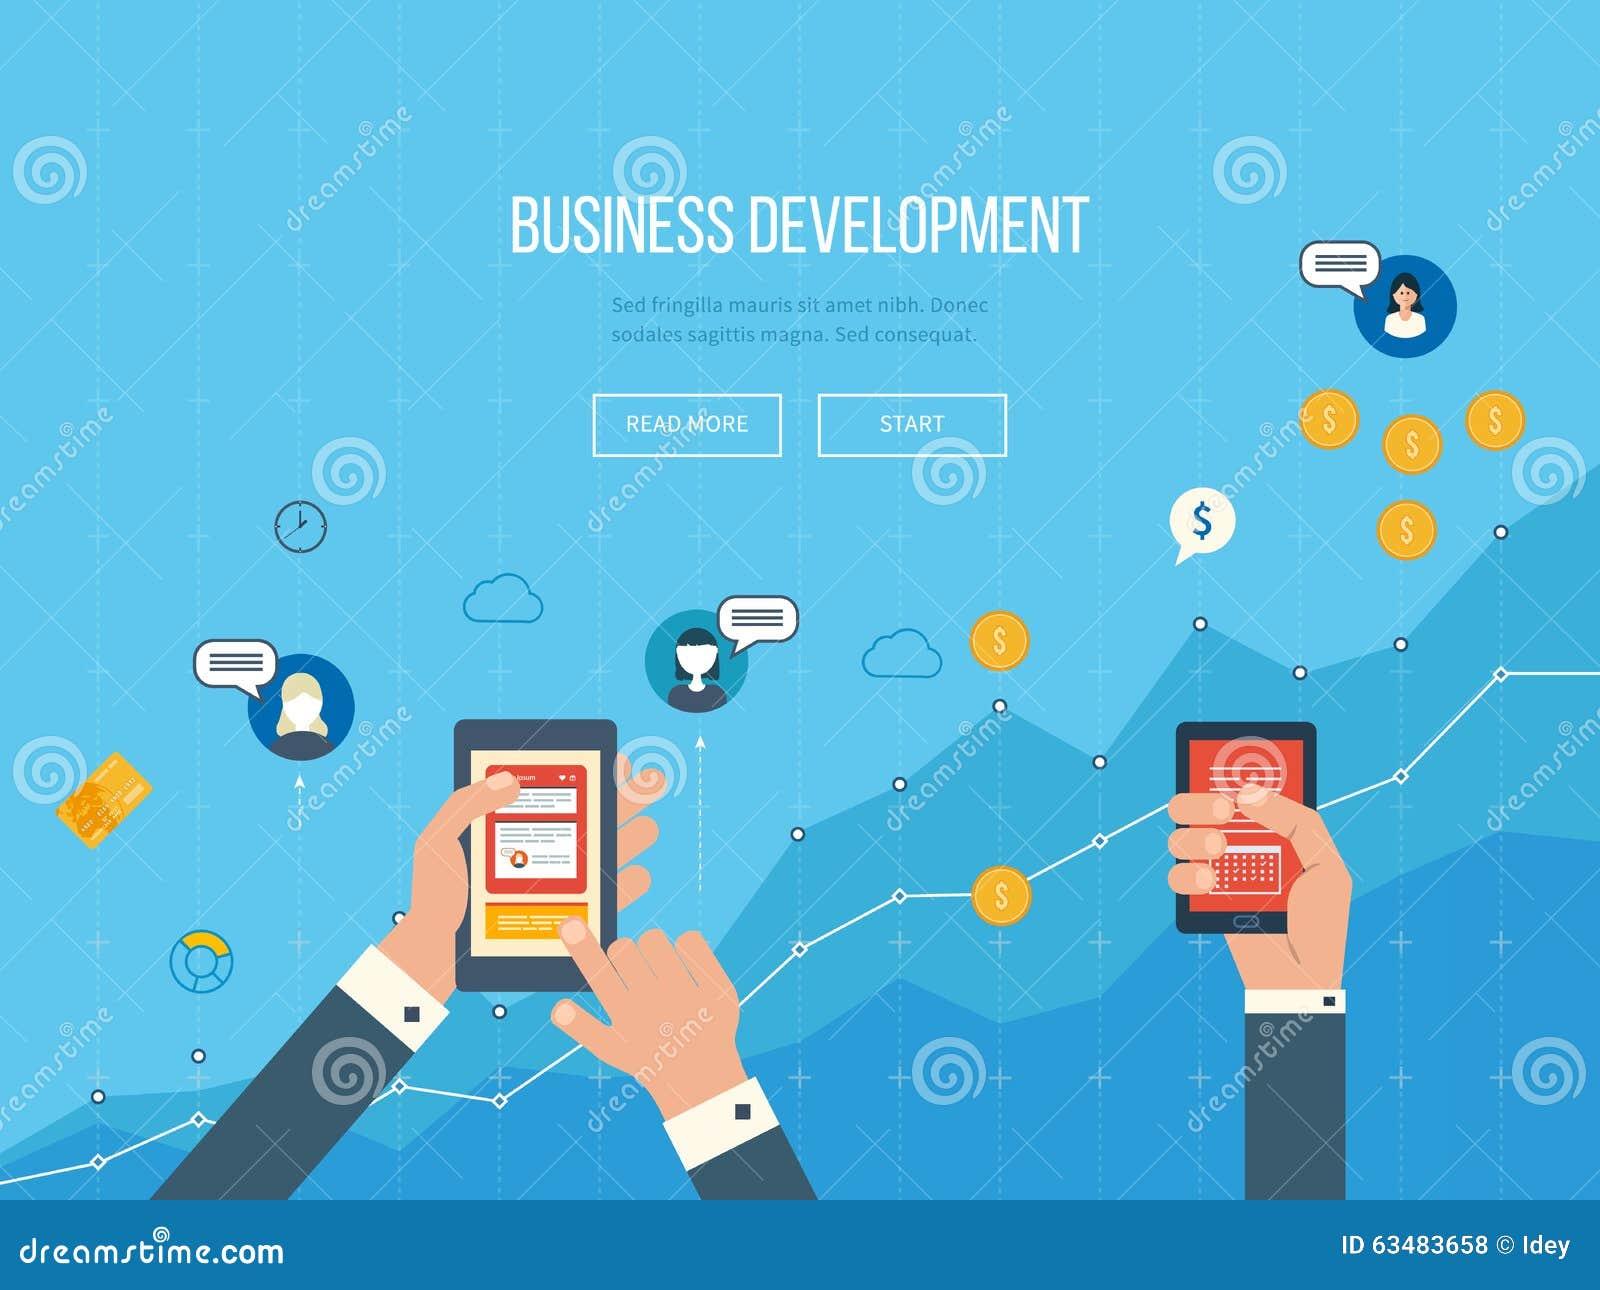 Custom Development Design: Concepts For Business Development, Teamwork, Financial